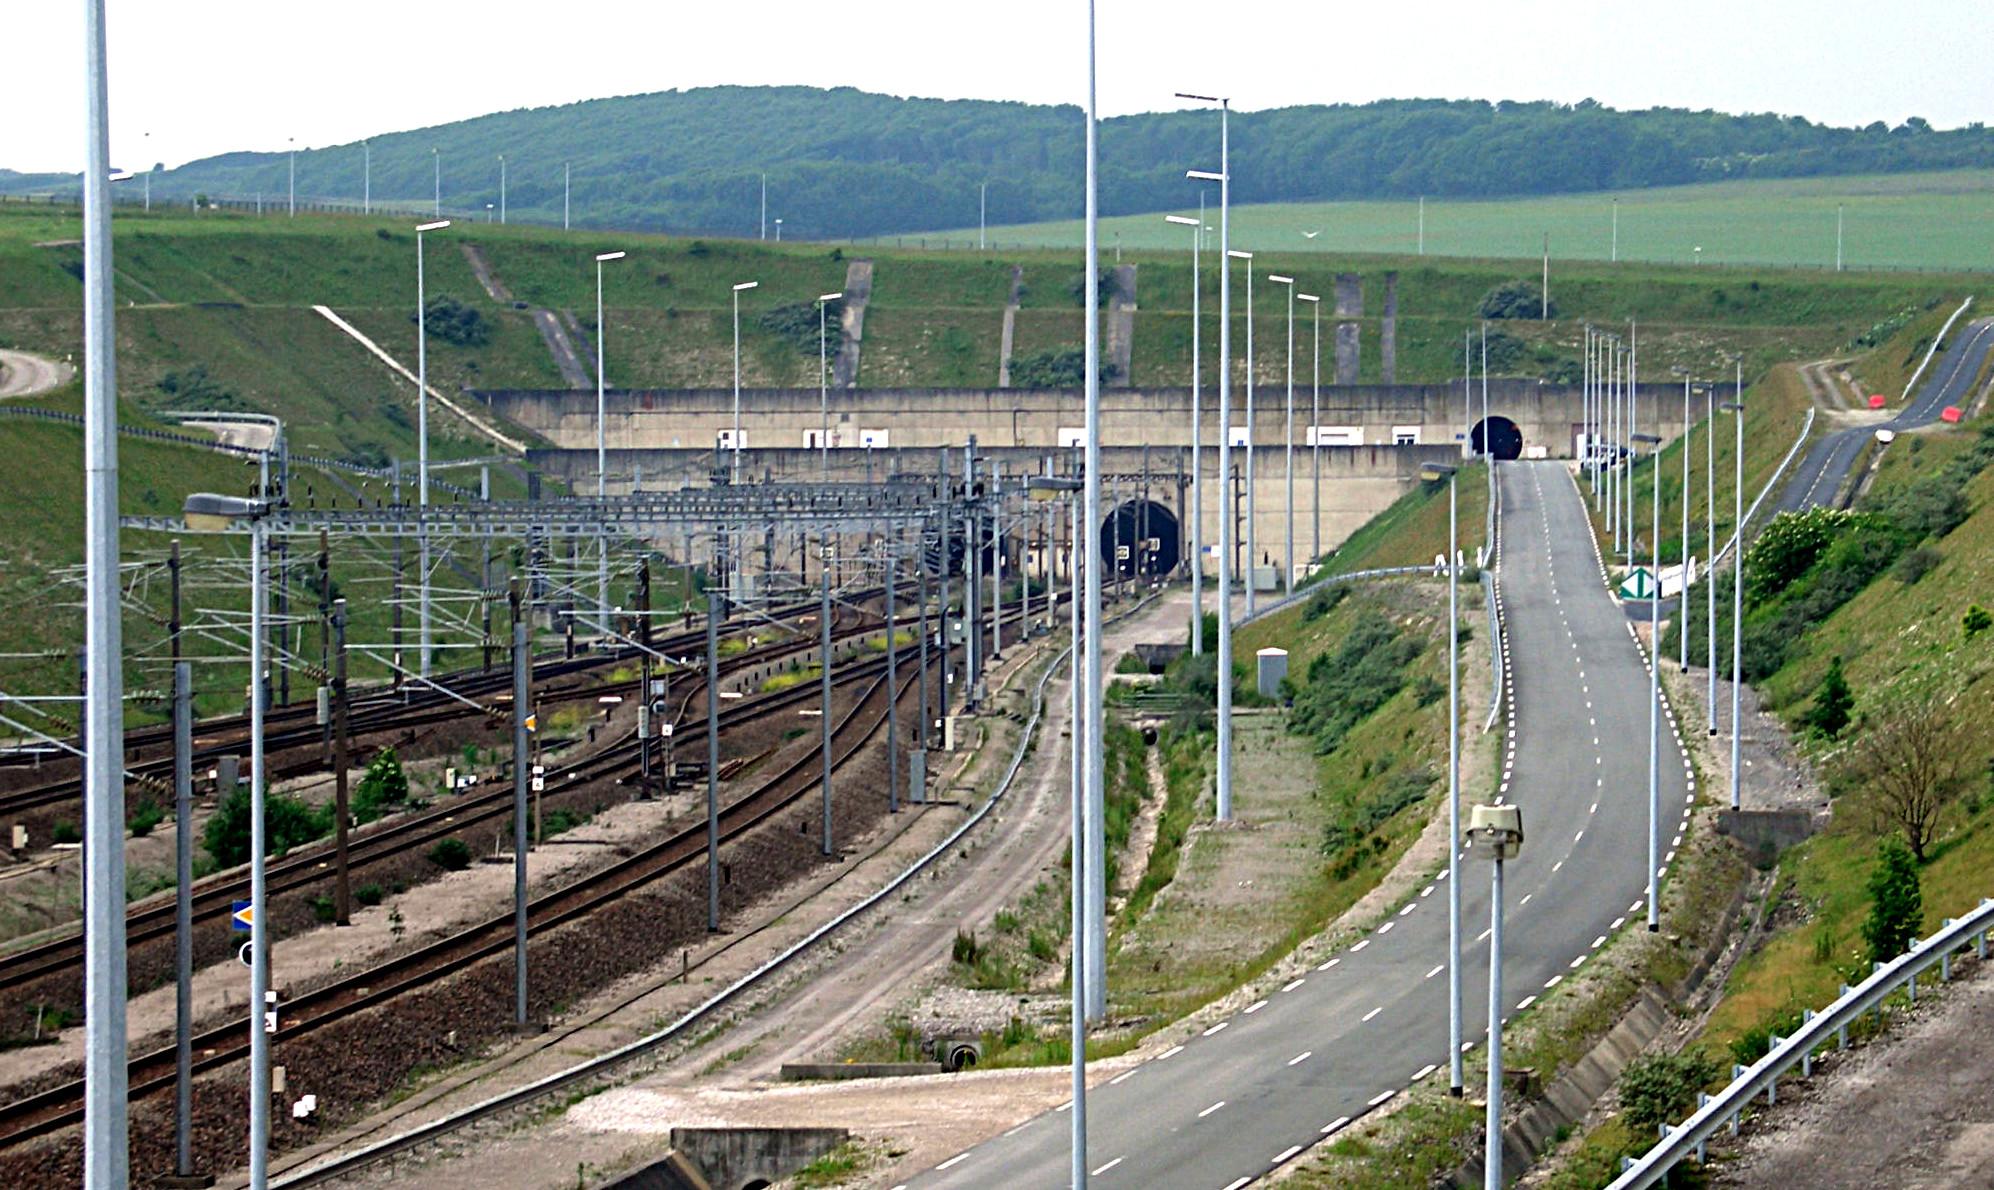 Eurotunnel ma rozwiązanie na szybsze przekroczenie granicy z Wielką Brytanią w 2021 roku